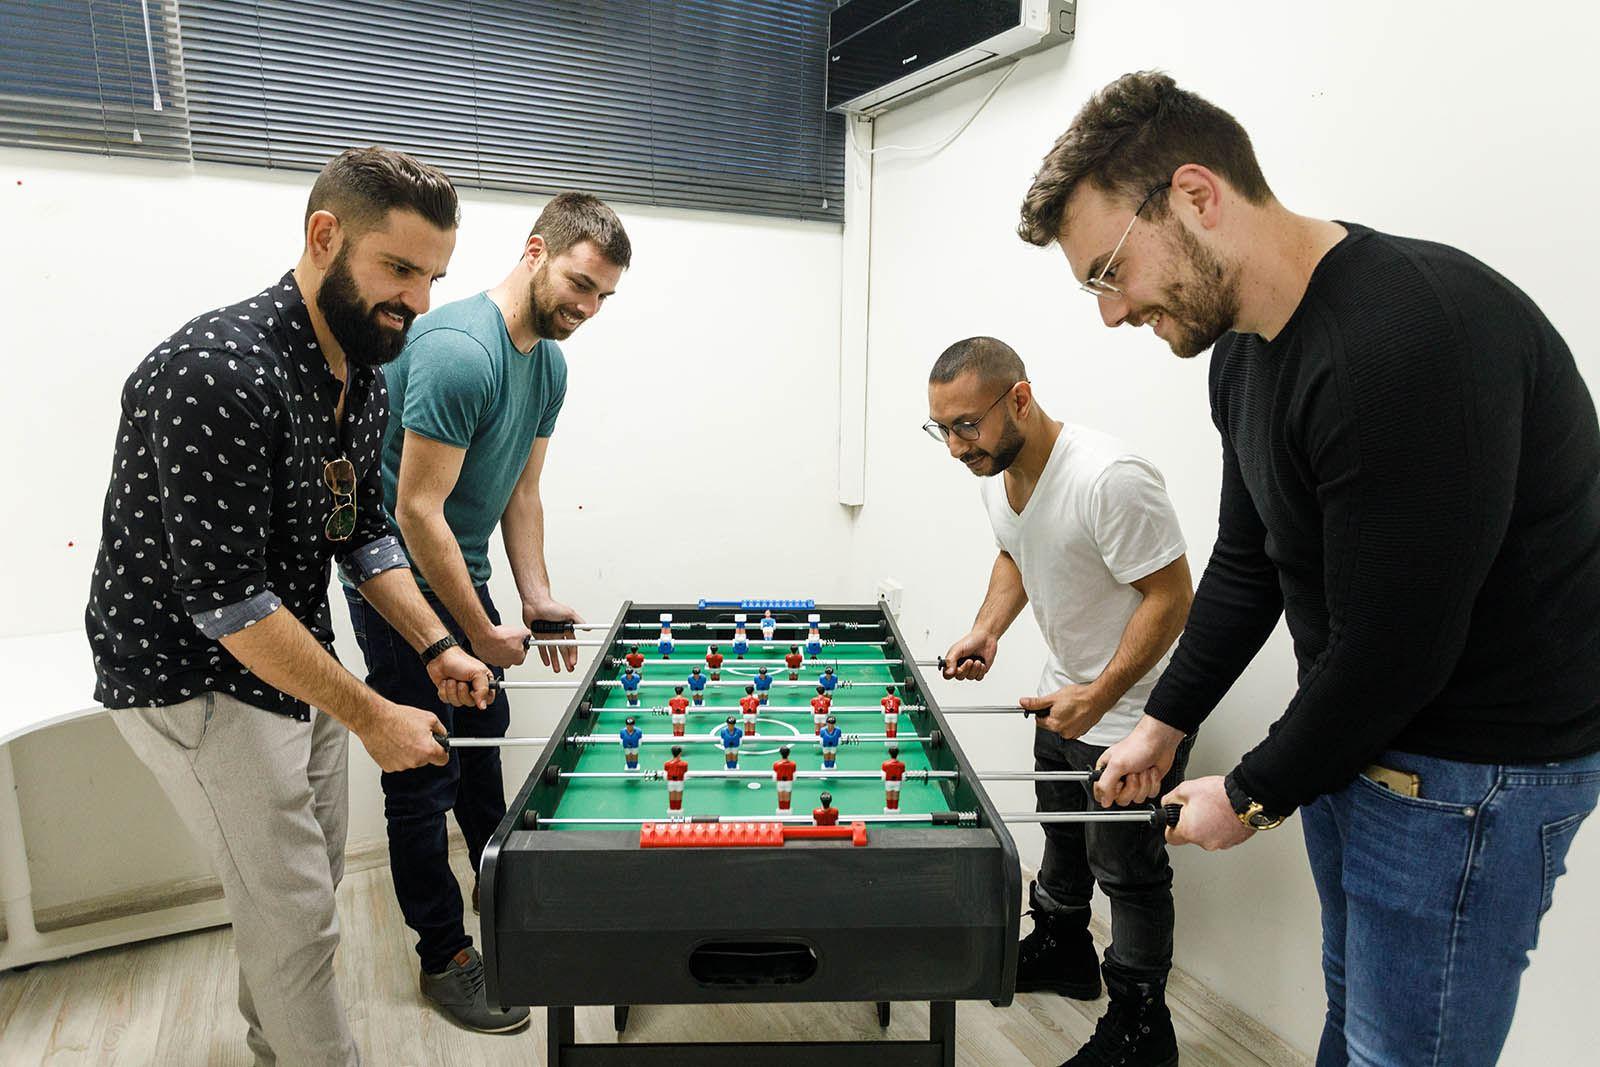 הצוות משחק כדורגל שולחן